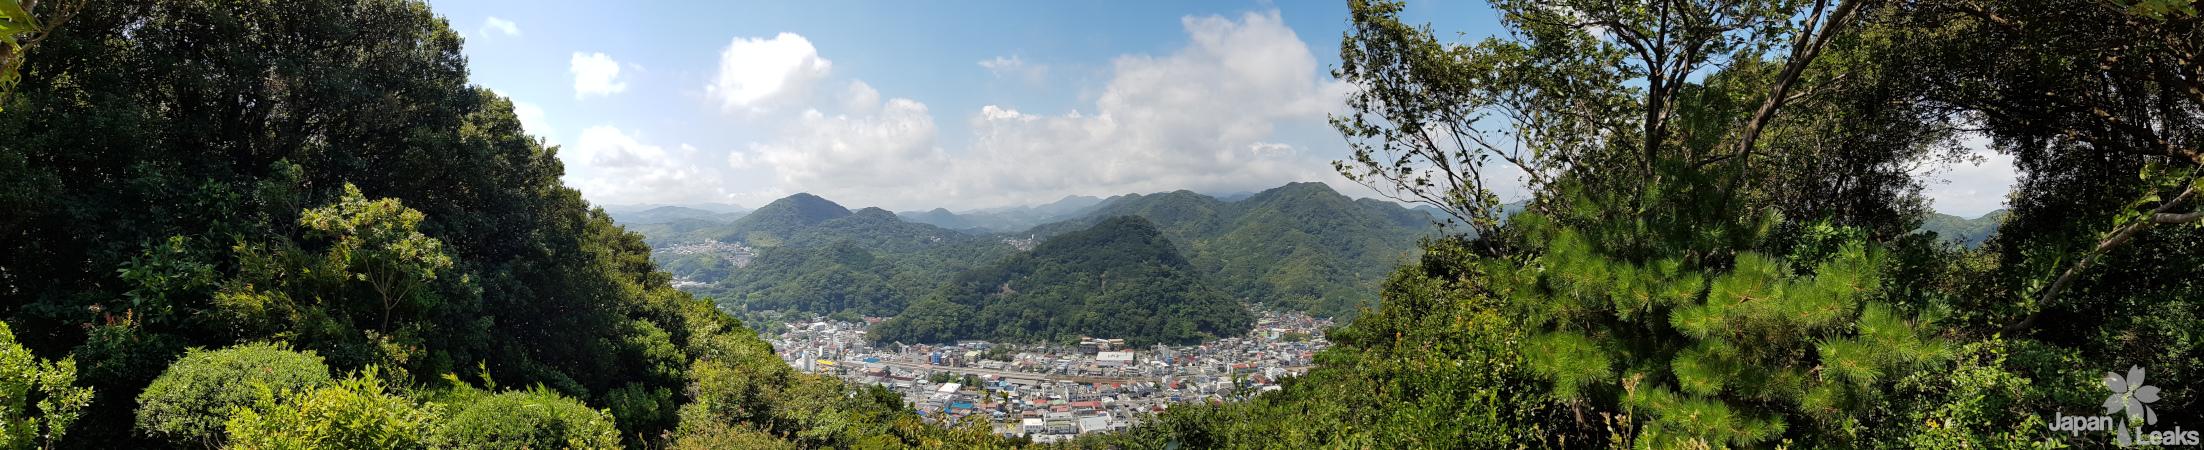 Ausblick auf die Stadt und die Berge Shimodas.